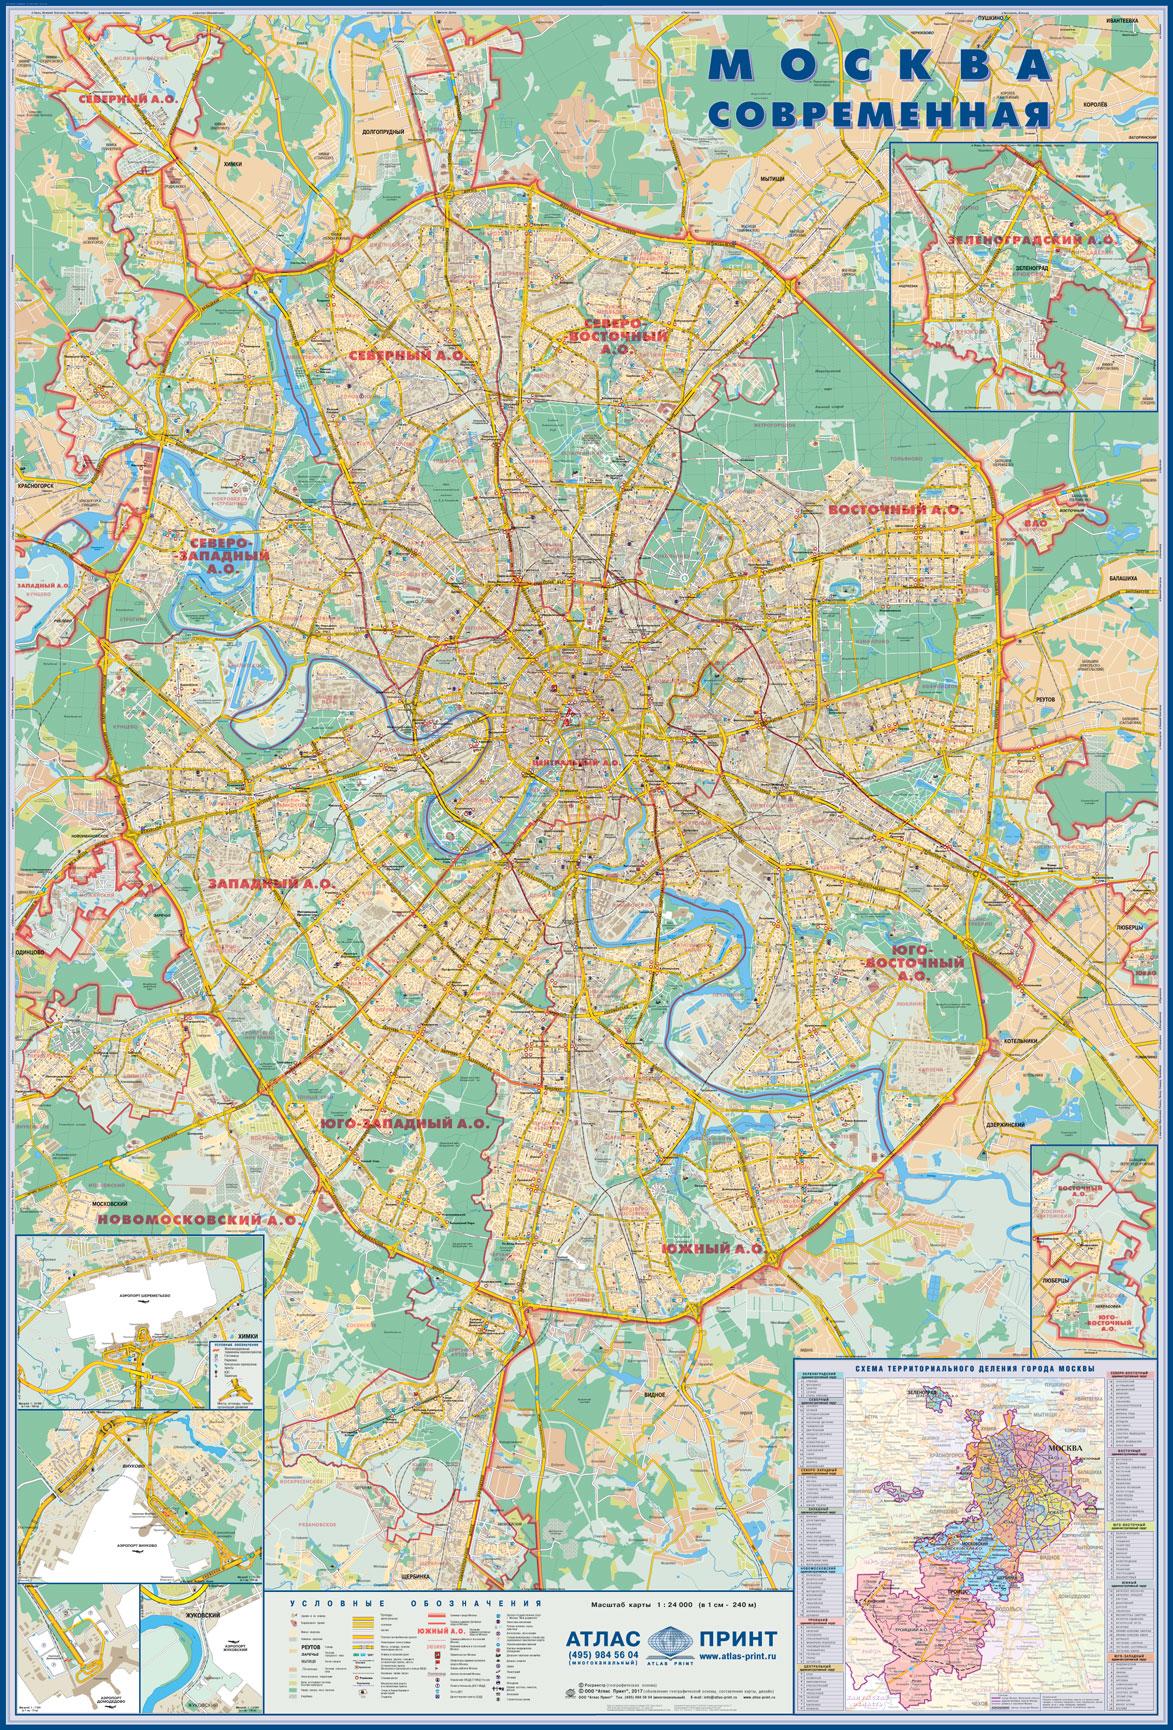 Настенная карта Москвы *Москва современная* размер 1,50*2,01 м